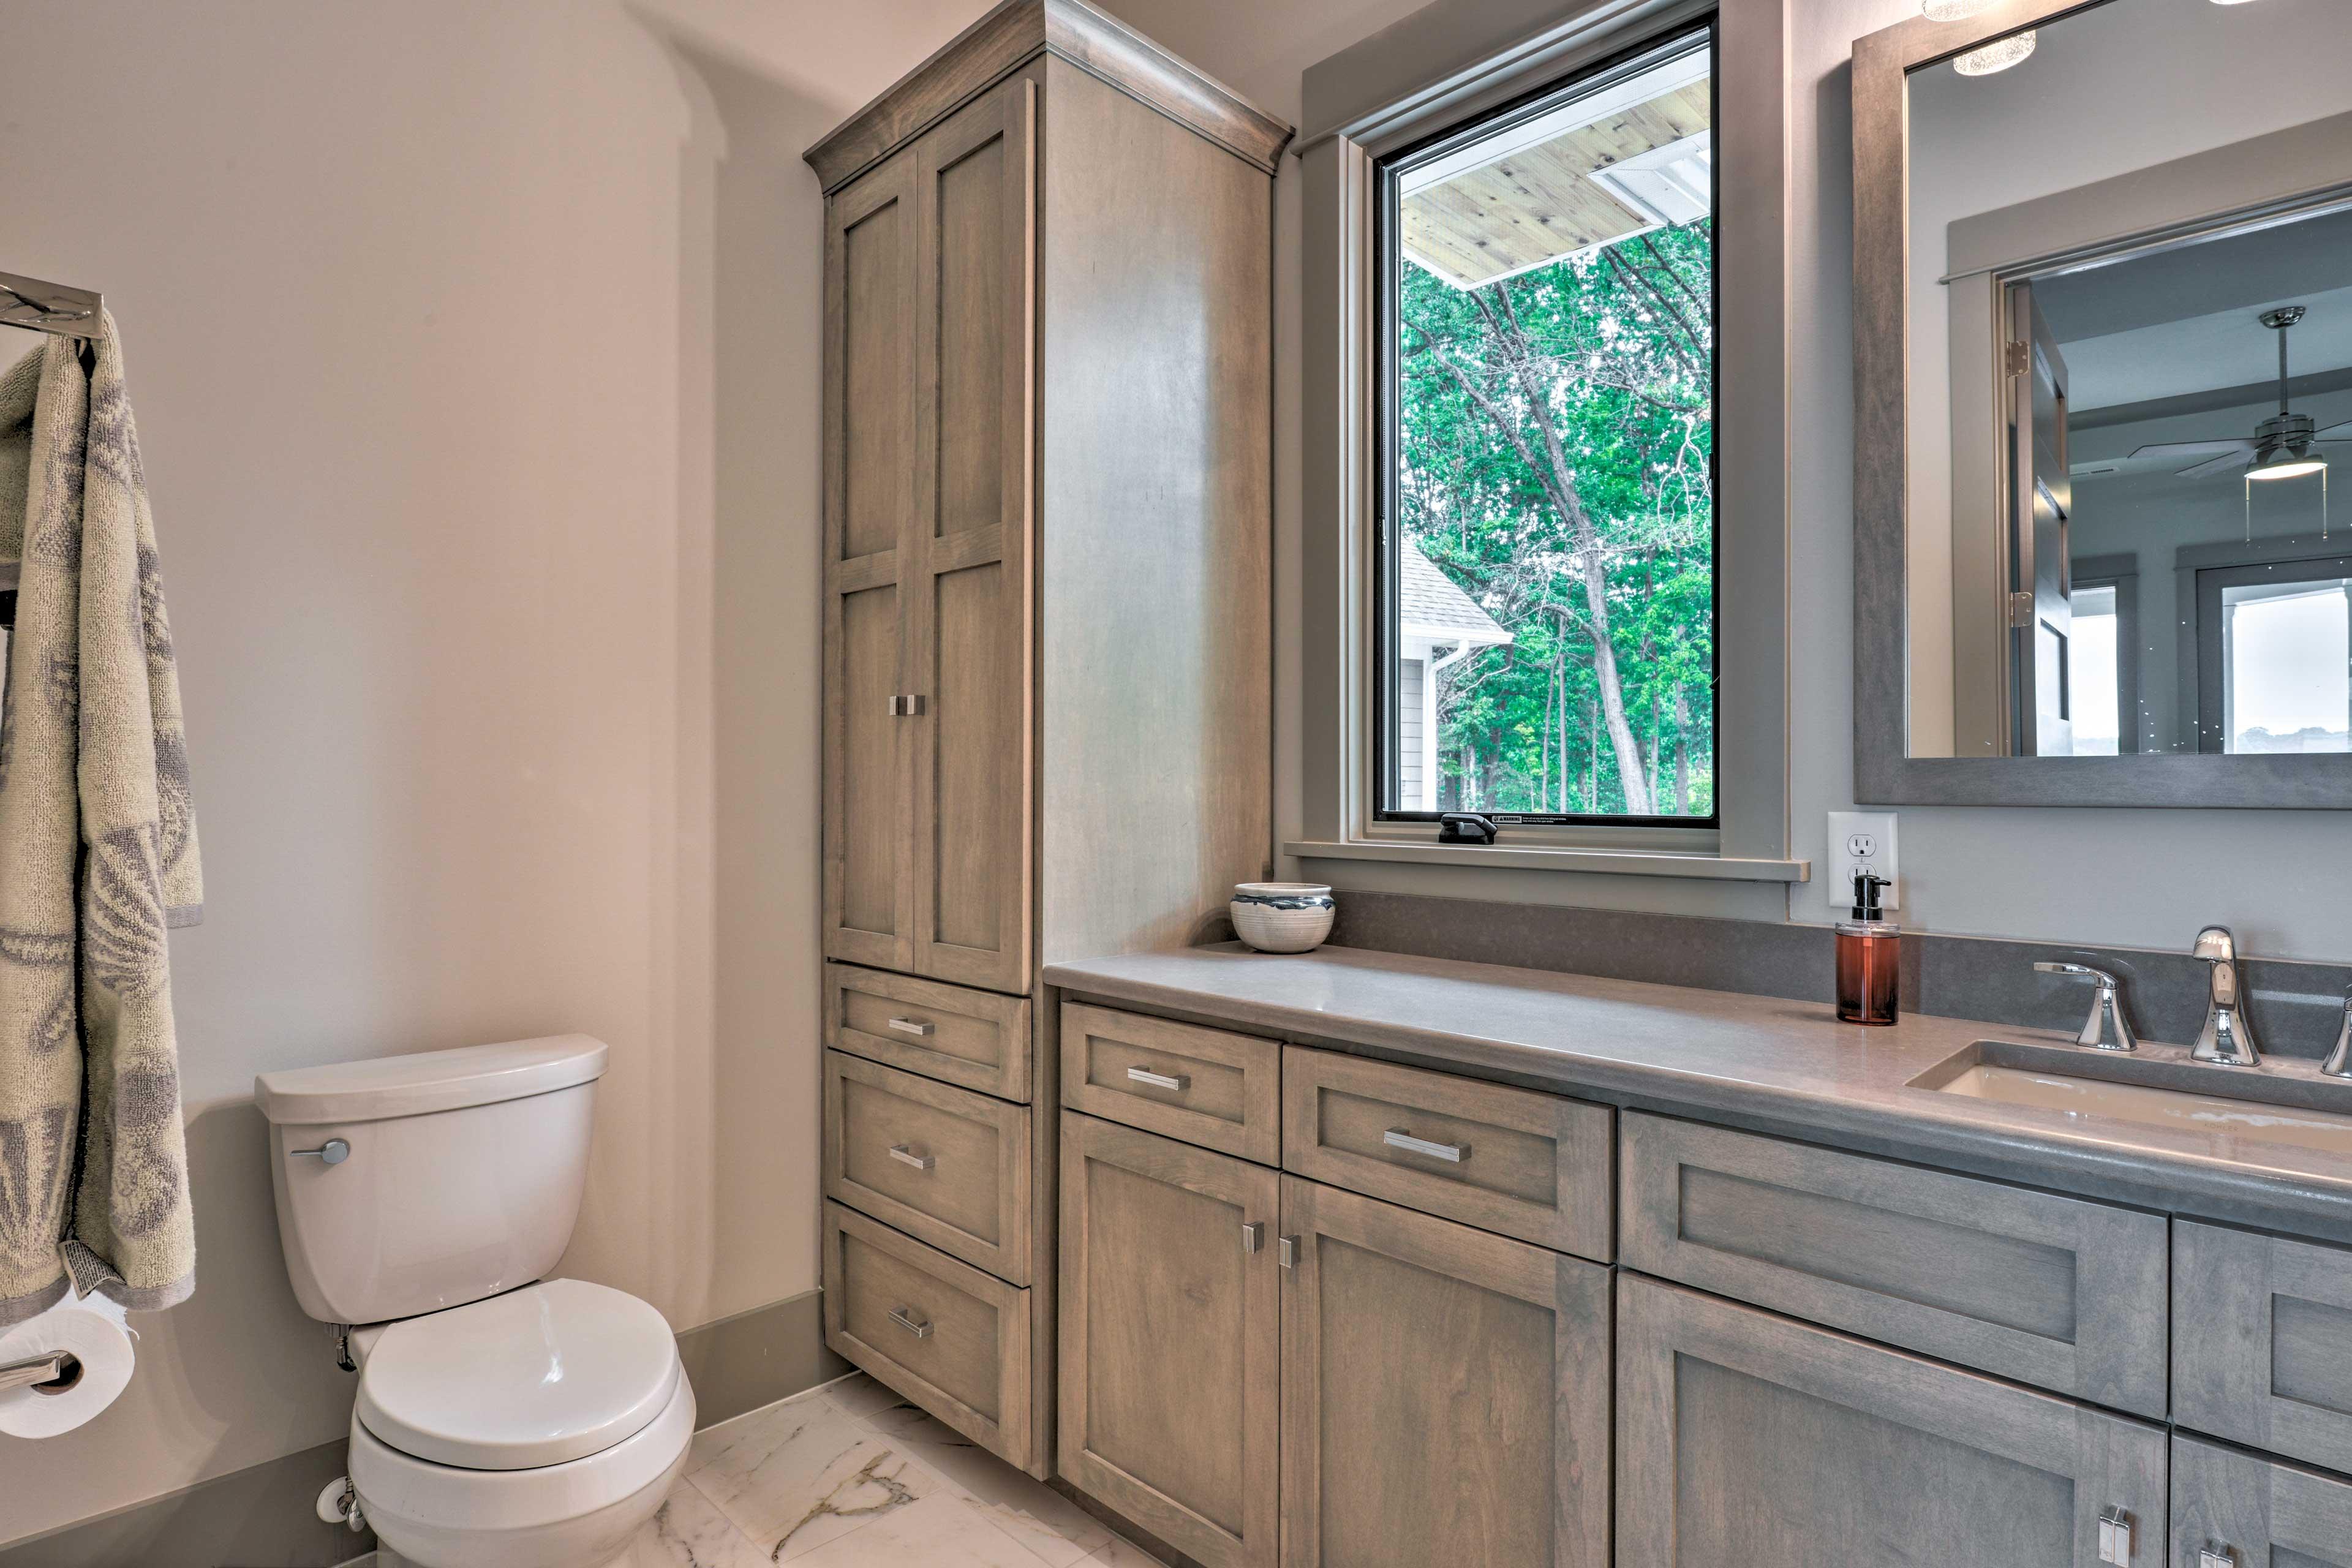 The second bedroom also has en-suite bath.